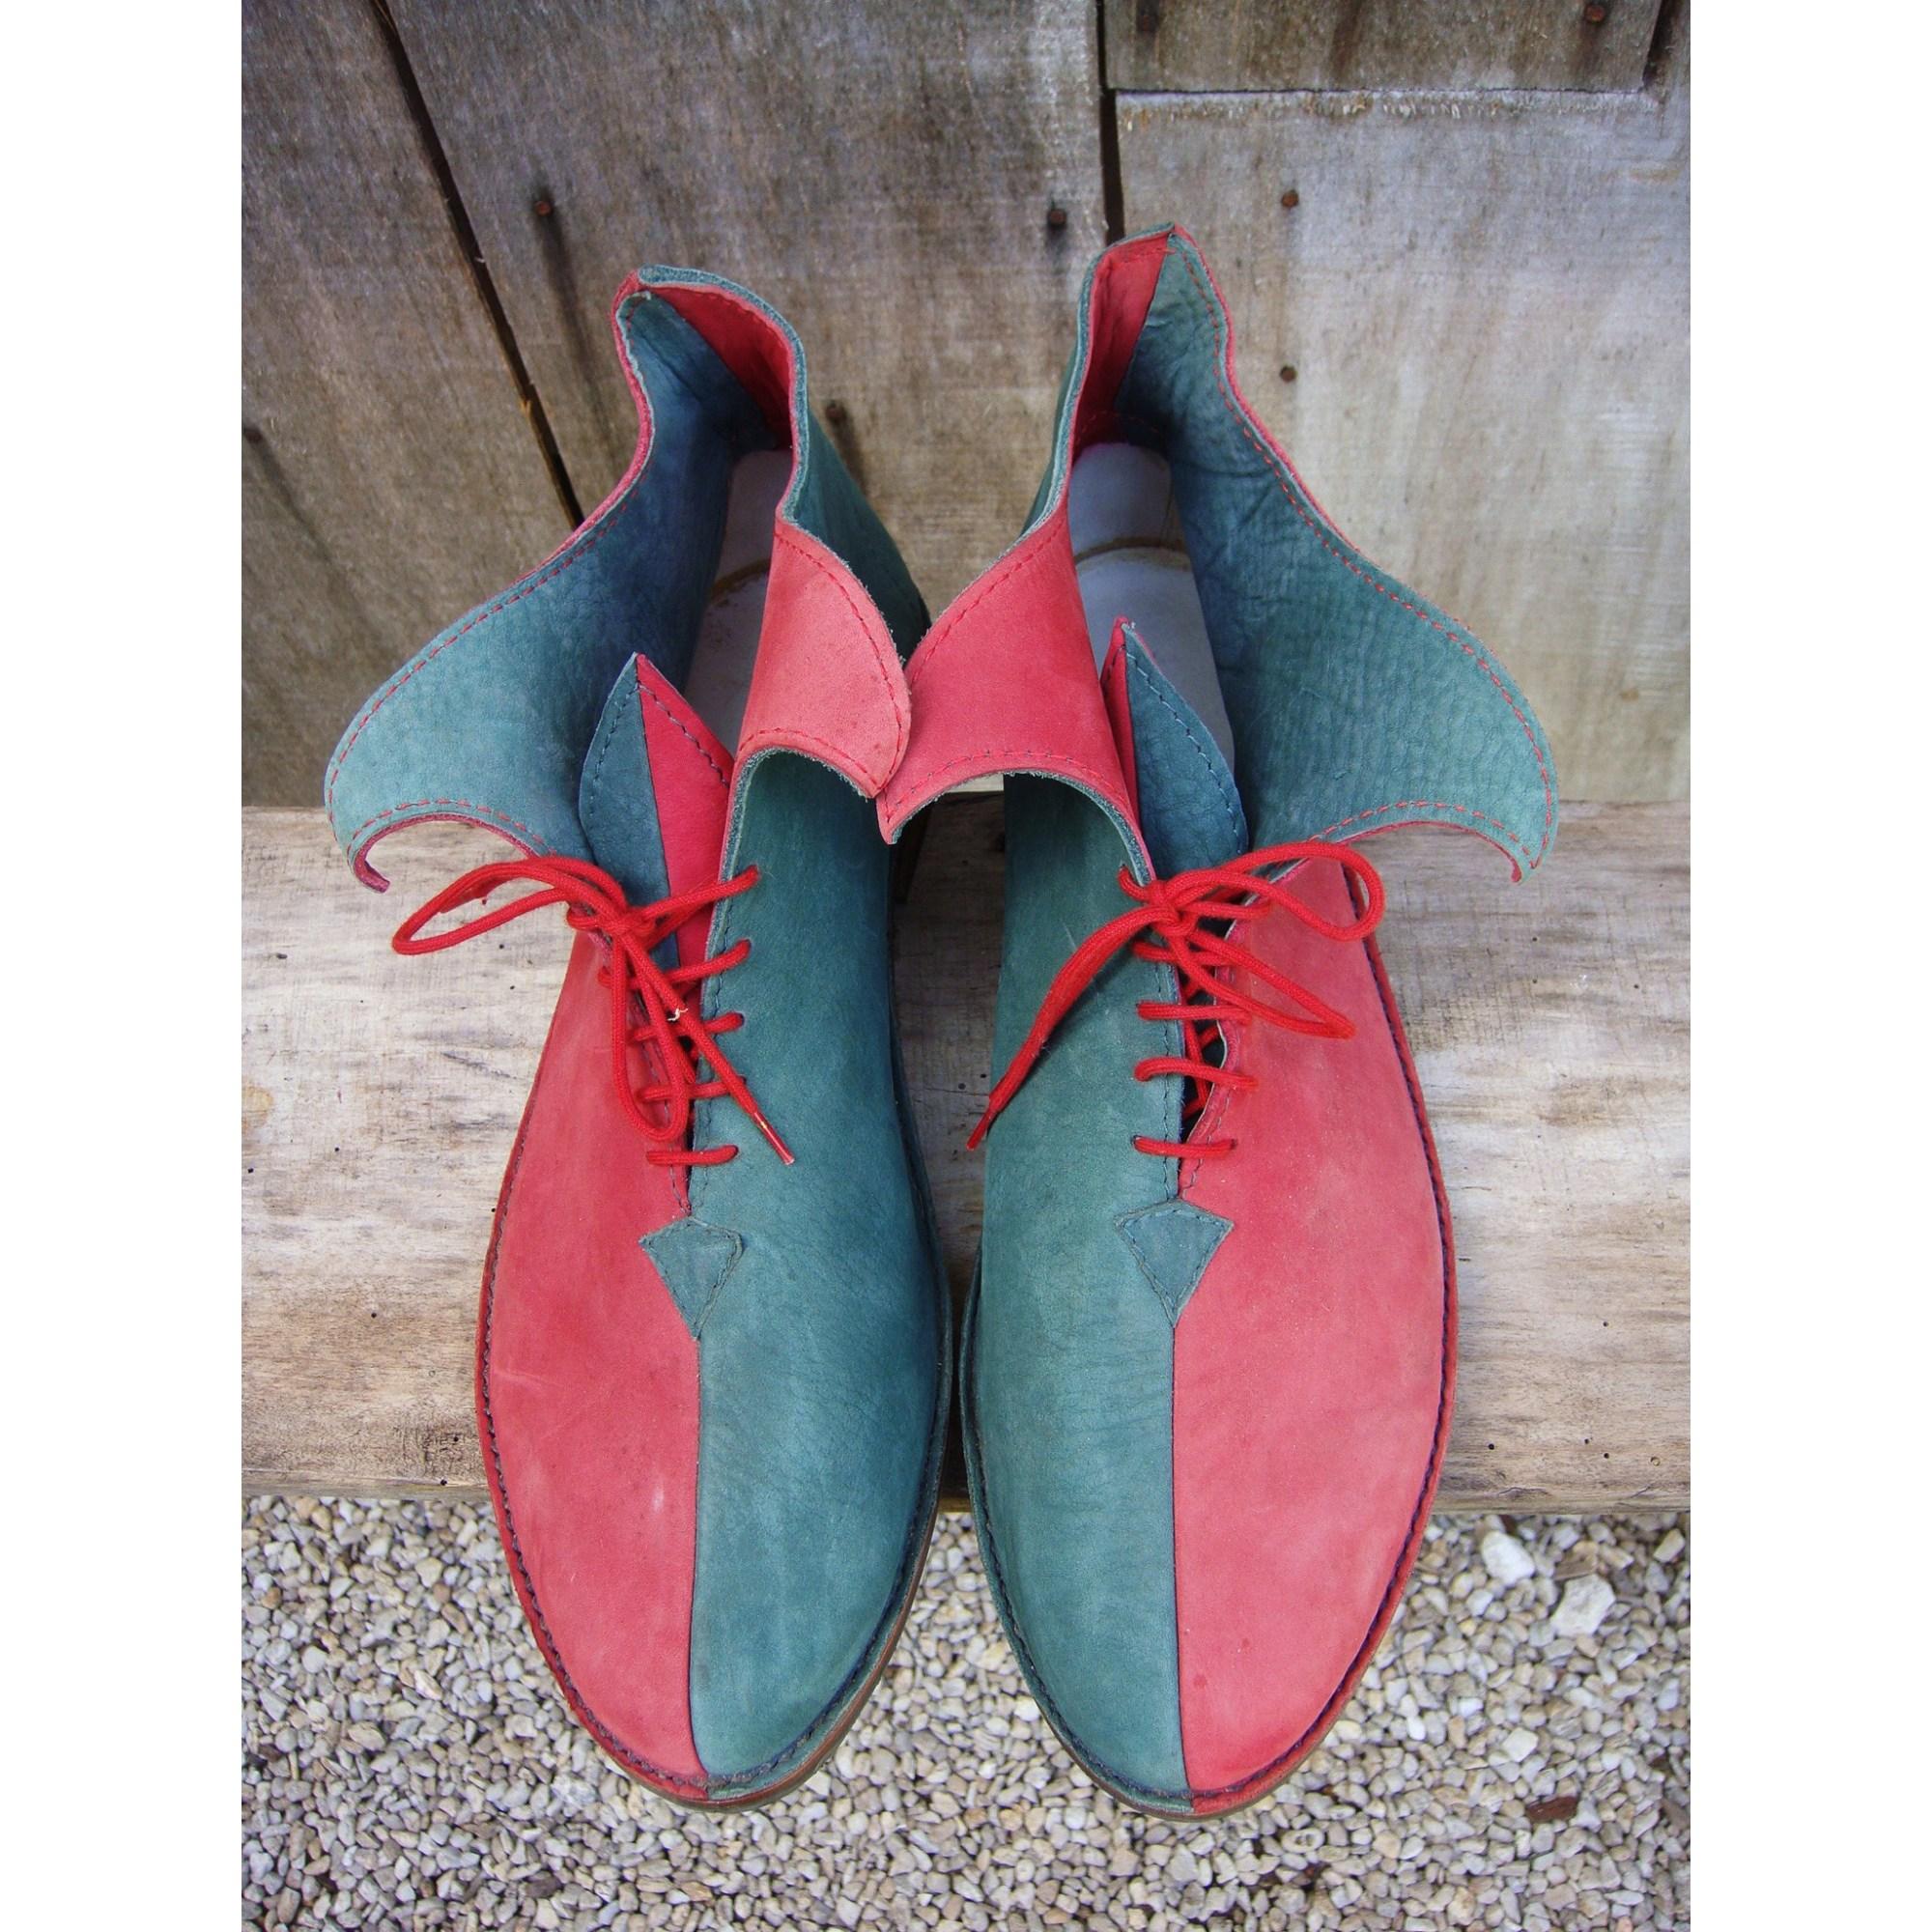 46 Chaussures Peaux Lacets 4116856 Lyon Art Multicouleur À OPvqwPHxX